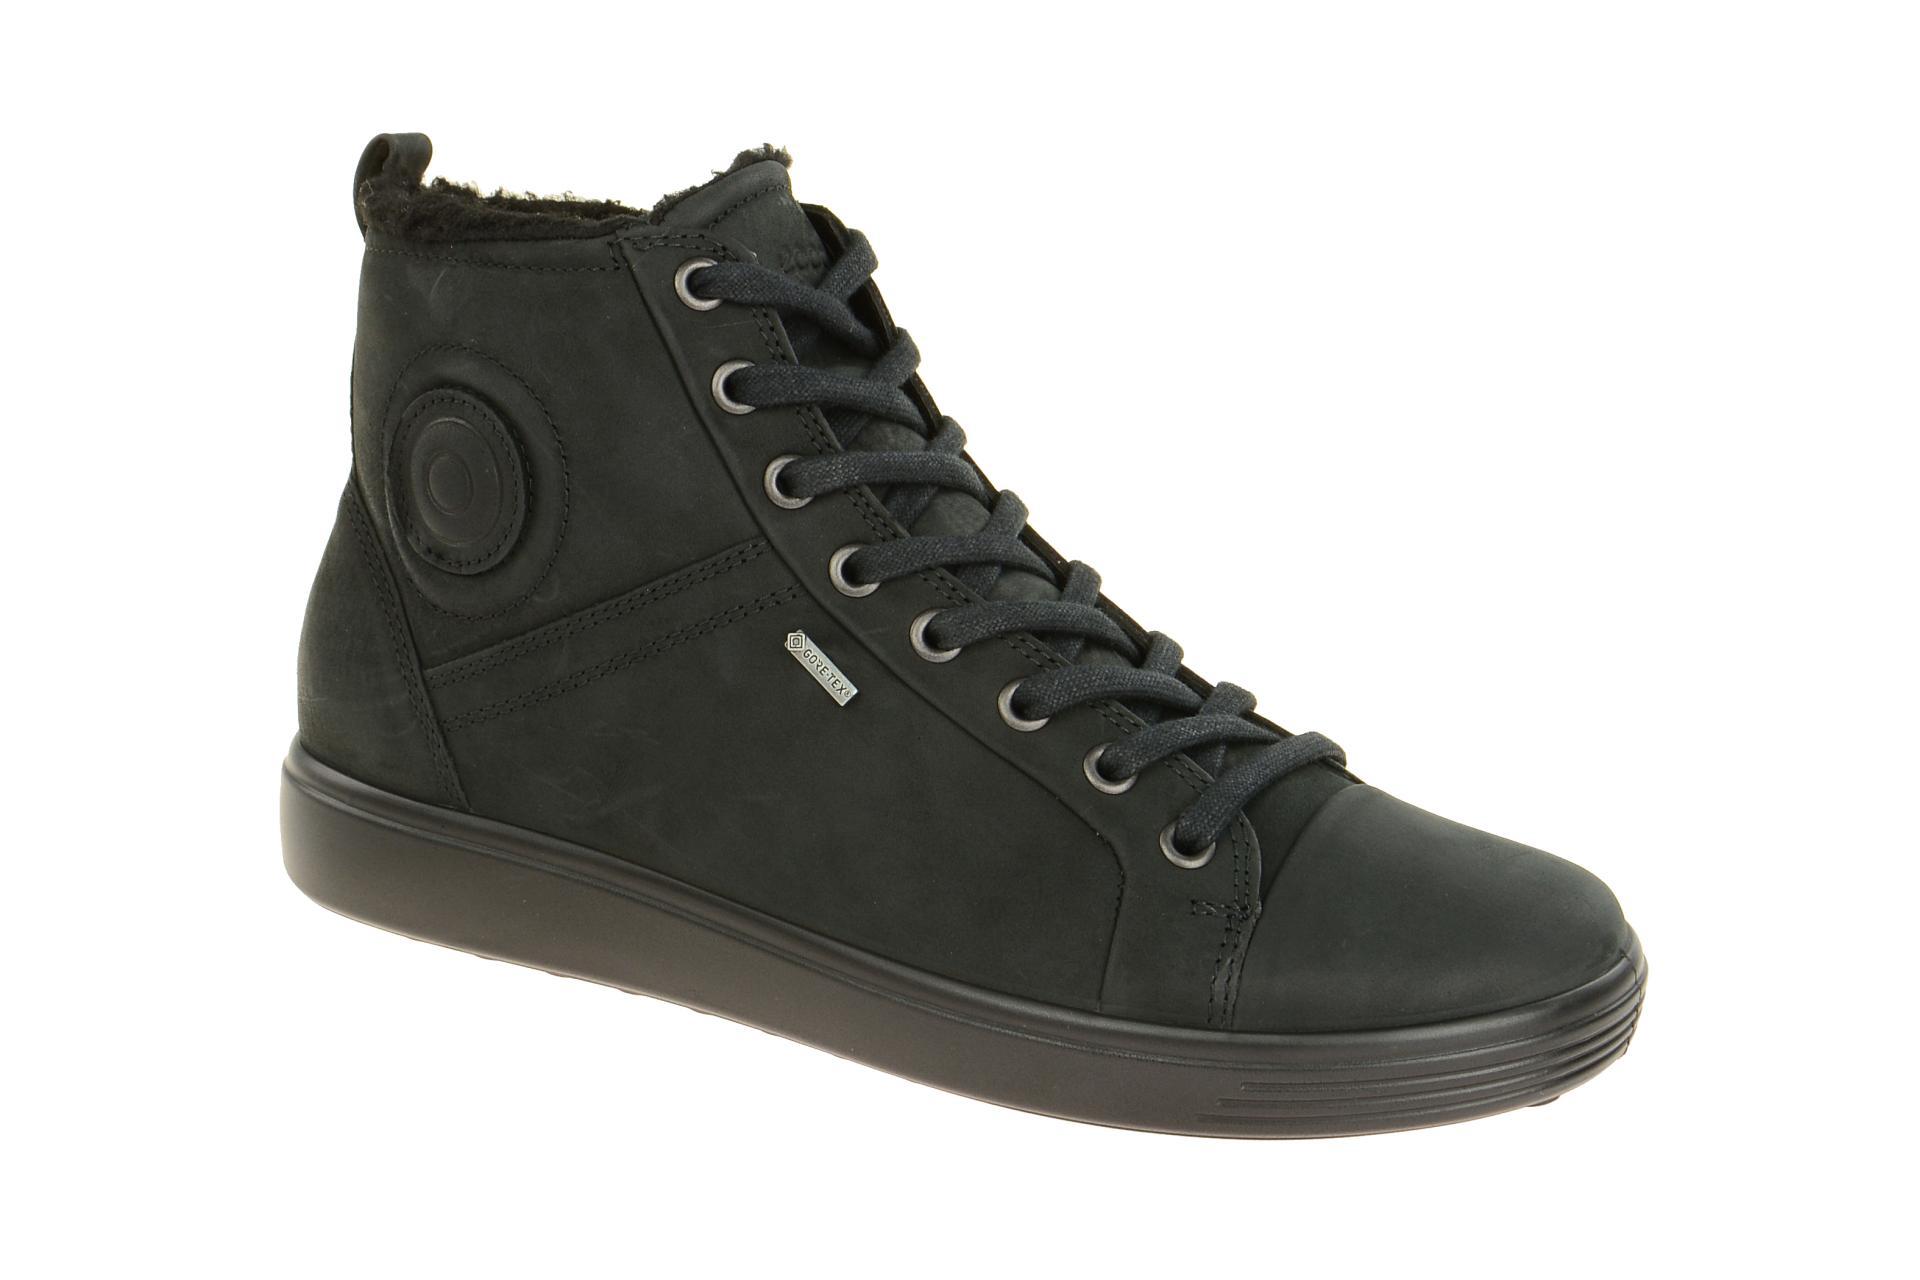 e07923795d5a1c Ecco Soft 7 Ladies Stiefel schwarz 43035302001 - Schuhhaus Strauch Shop